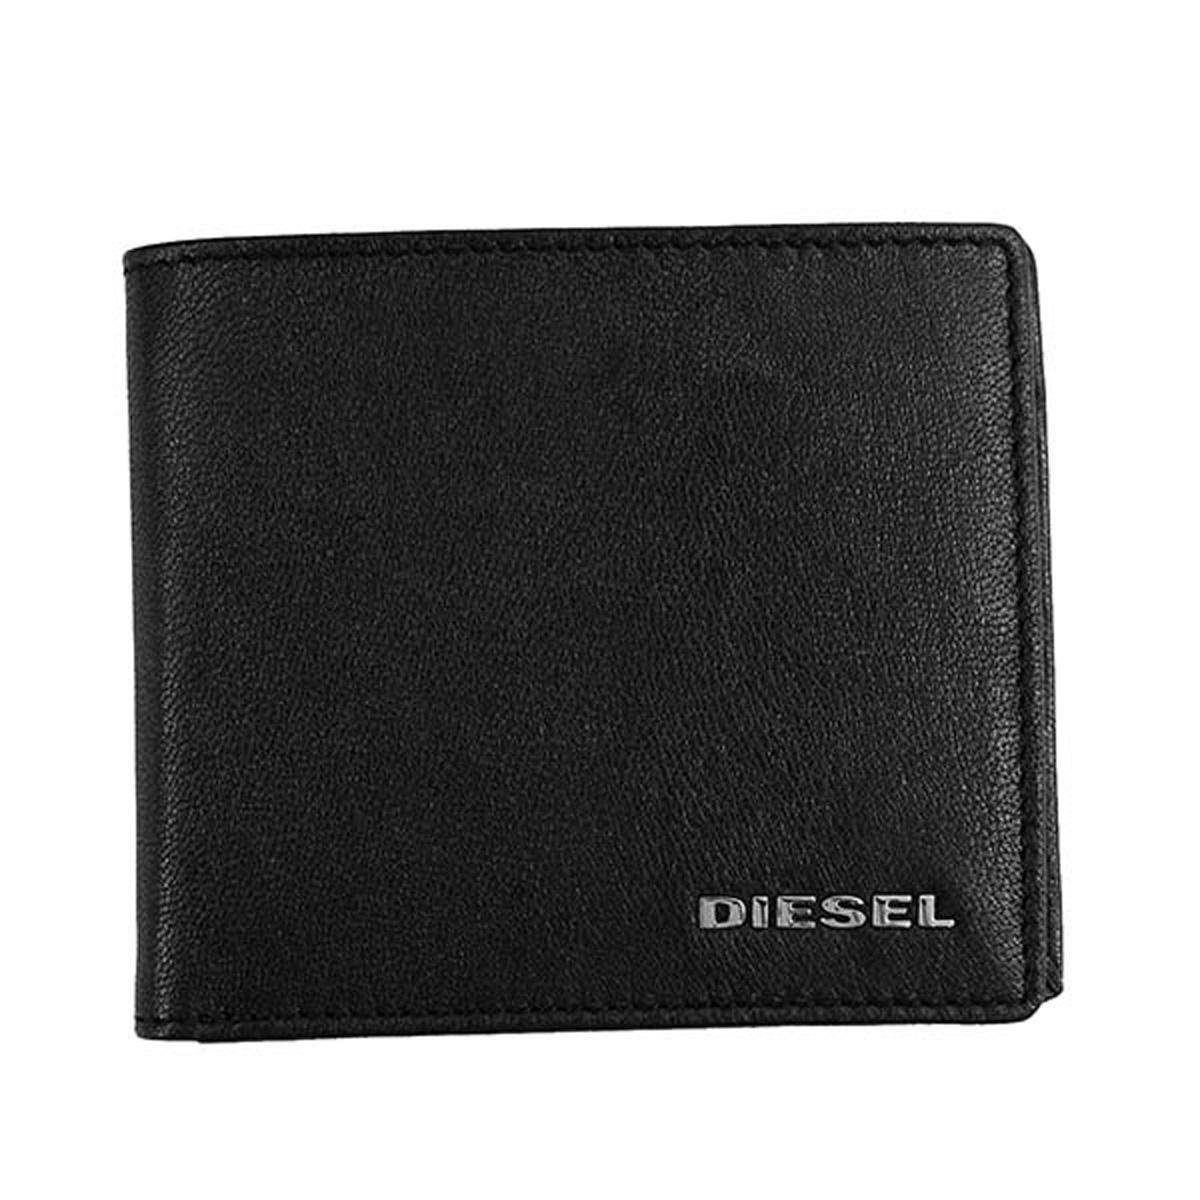 ディーゼル DIESEL 財布 X05601 P1752 H6818 HIRESH S 小銭入れ付き 二つ折り財布 BLACK/PUREED PUMPKIN ブラック+オレンジ系